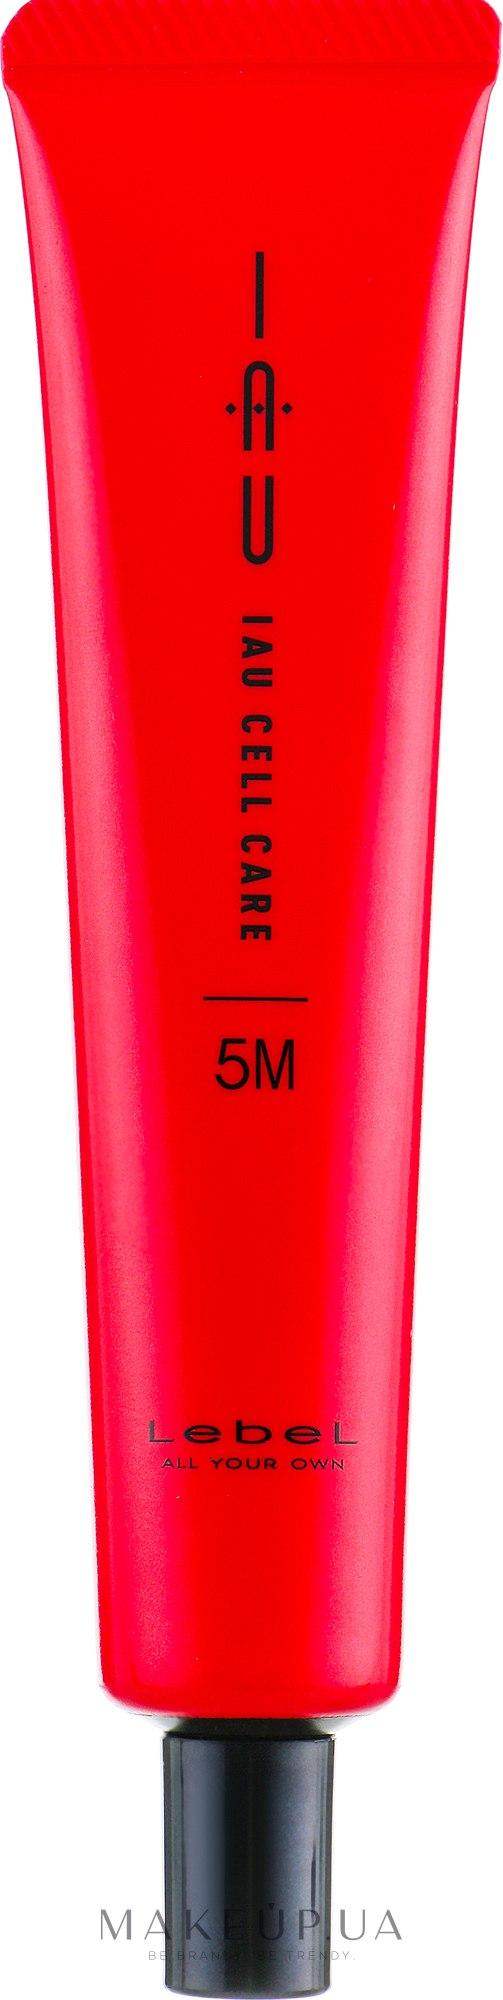 Крем-концентрат для увлажнения волос - Lebel Infinity Aurum Salon Care IAU Cell Care 5M — фото 40ml